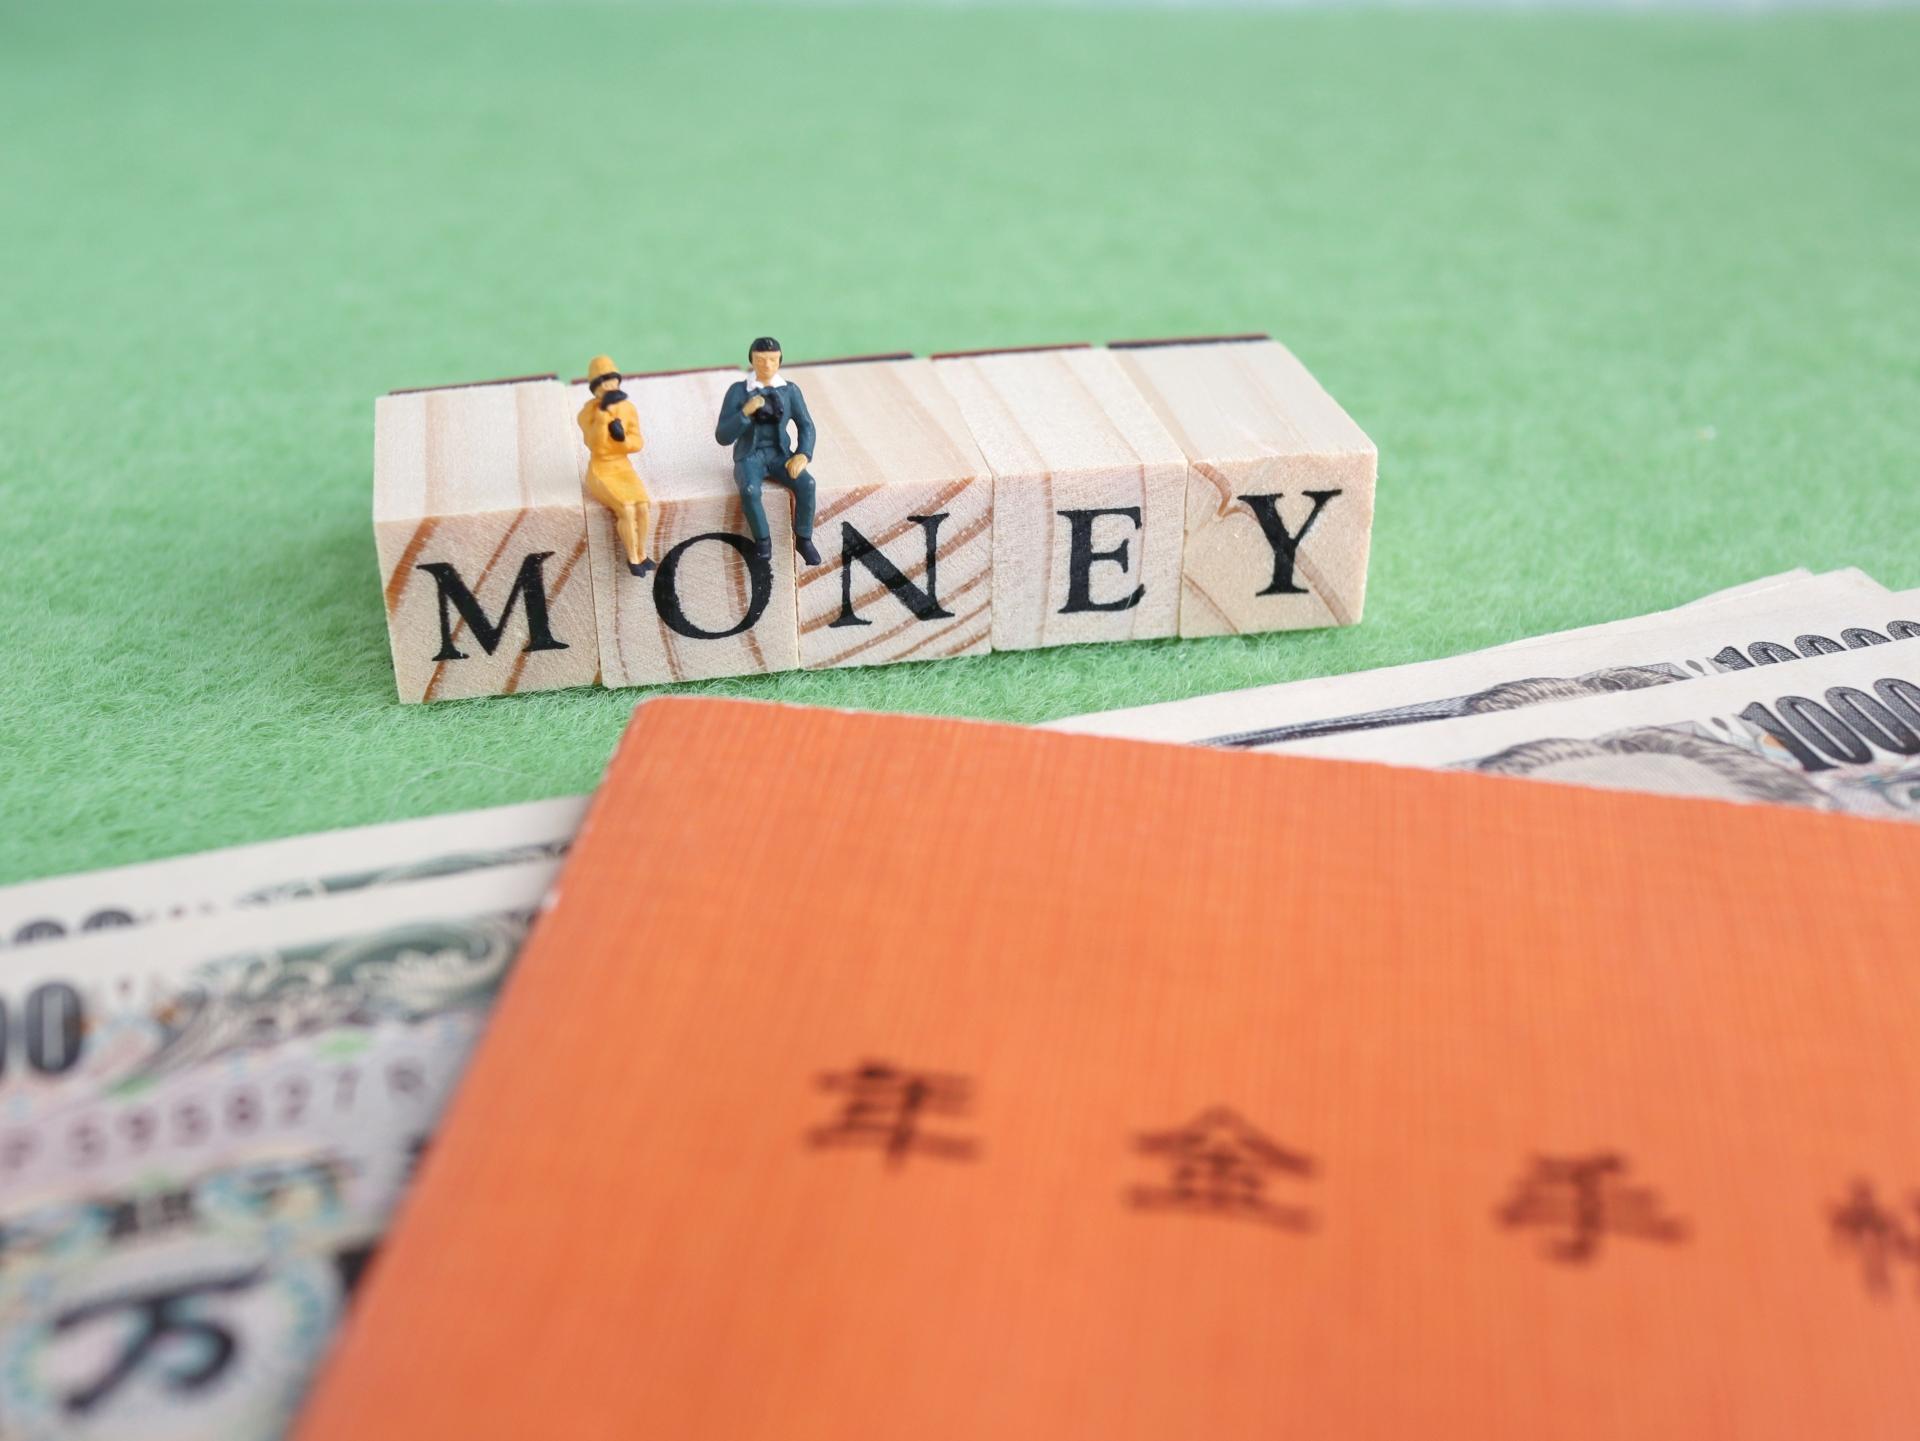 【年金は何歳まで支払う?】年金を貰う年齢で受給額が変わる!